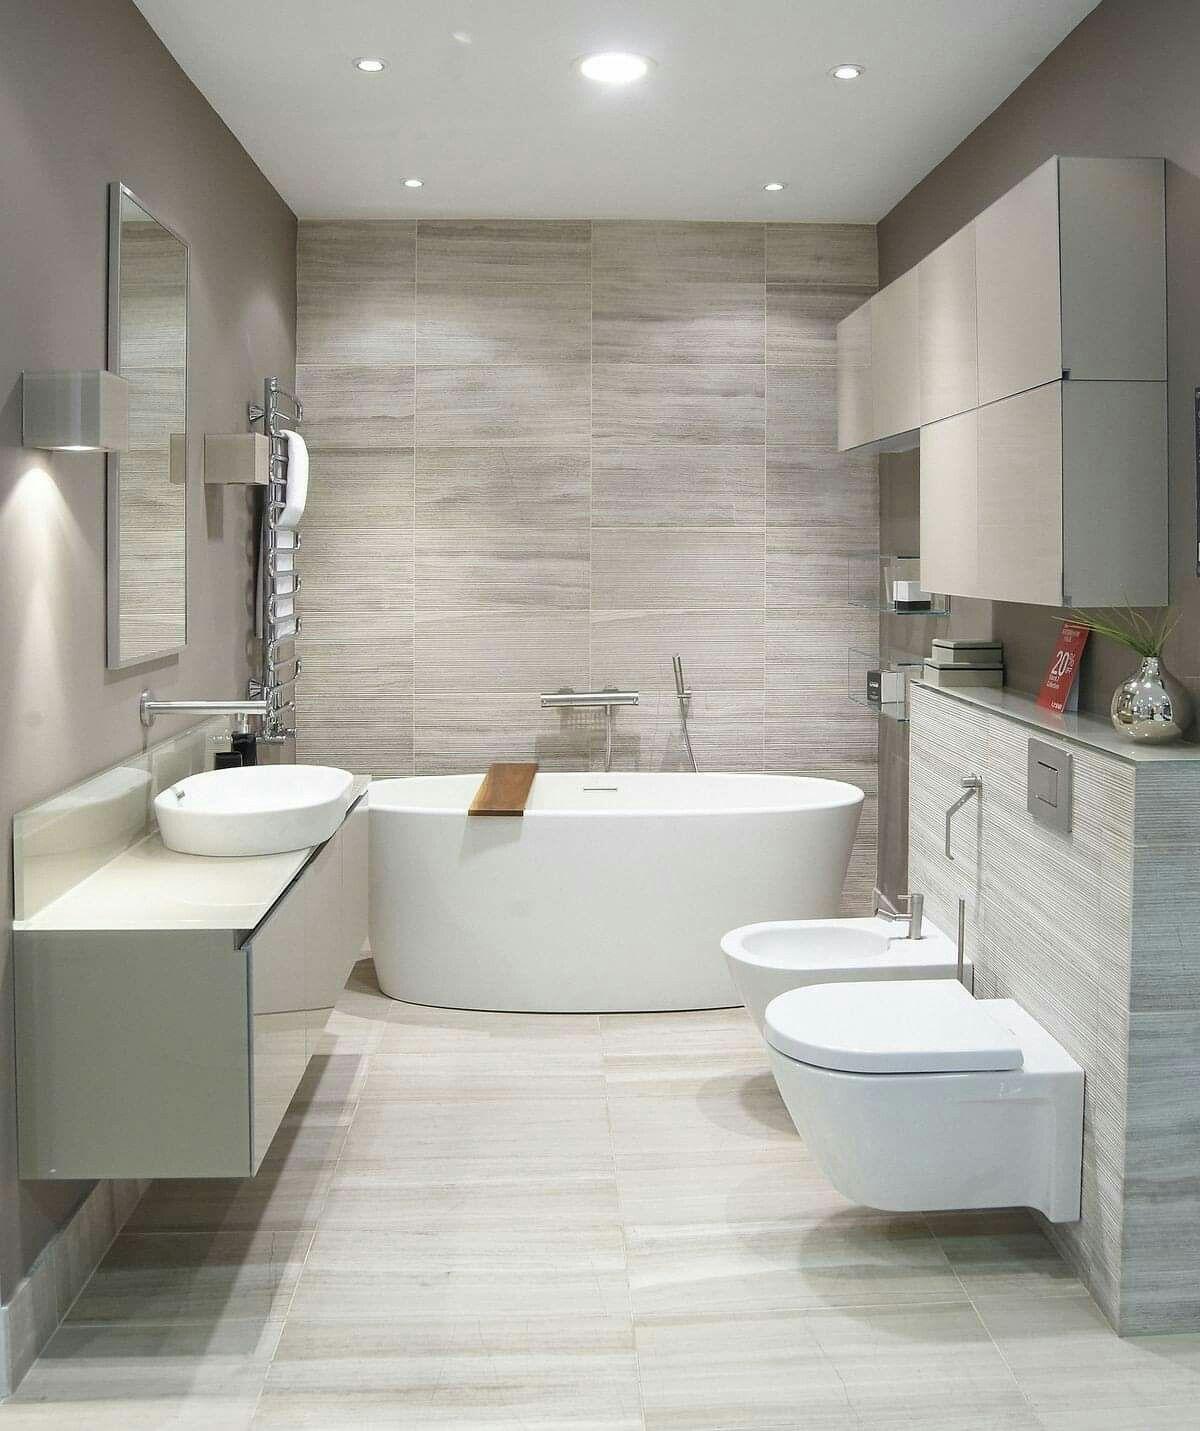 Pin Von Vanessa Vale Auf Bathrooms Badezimmer Badezimmerideen